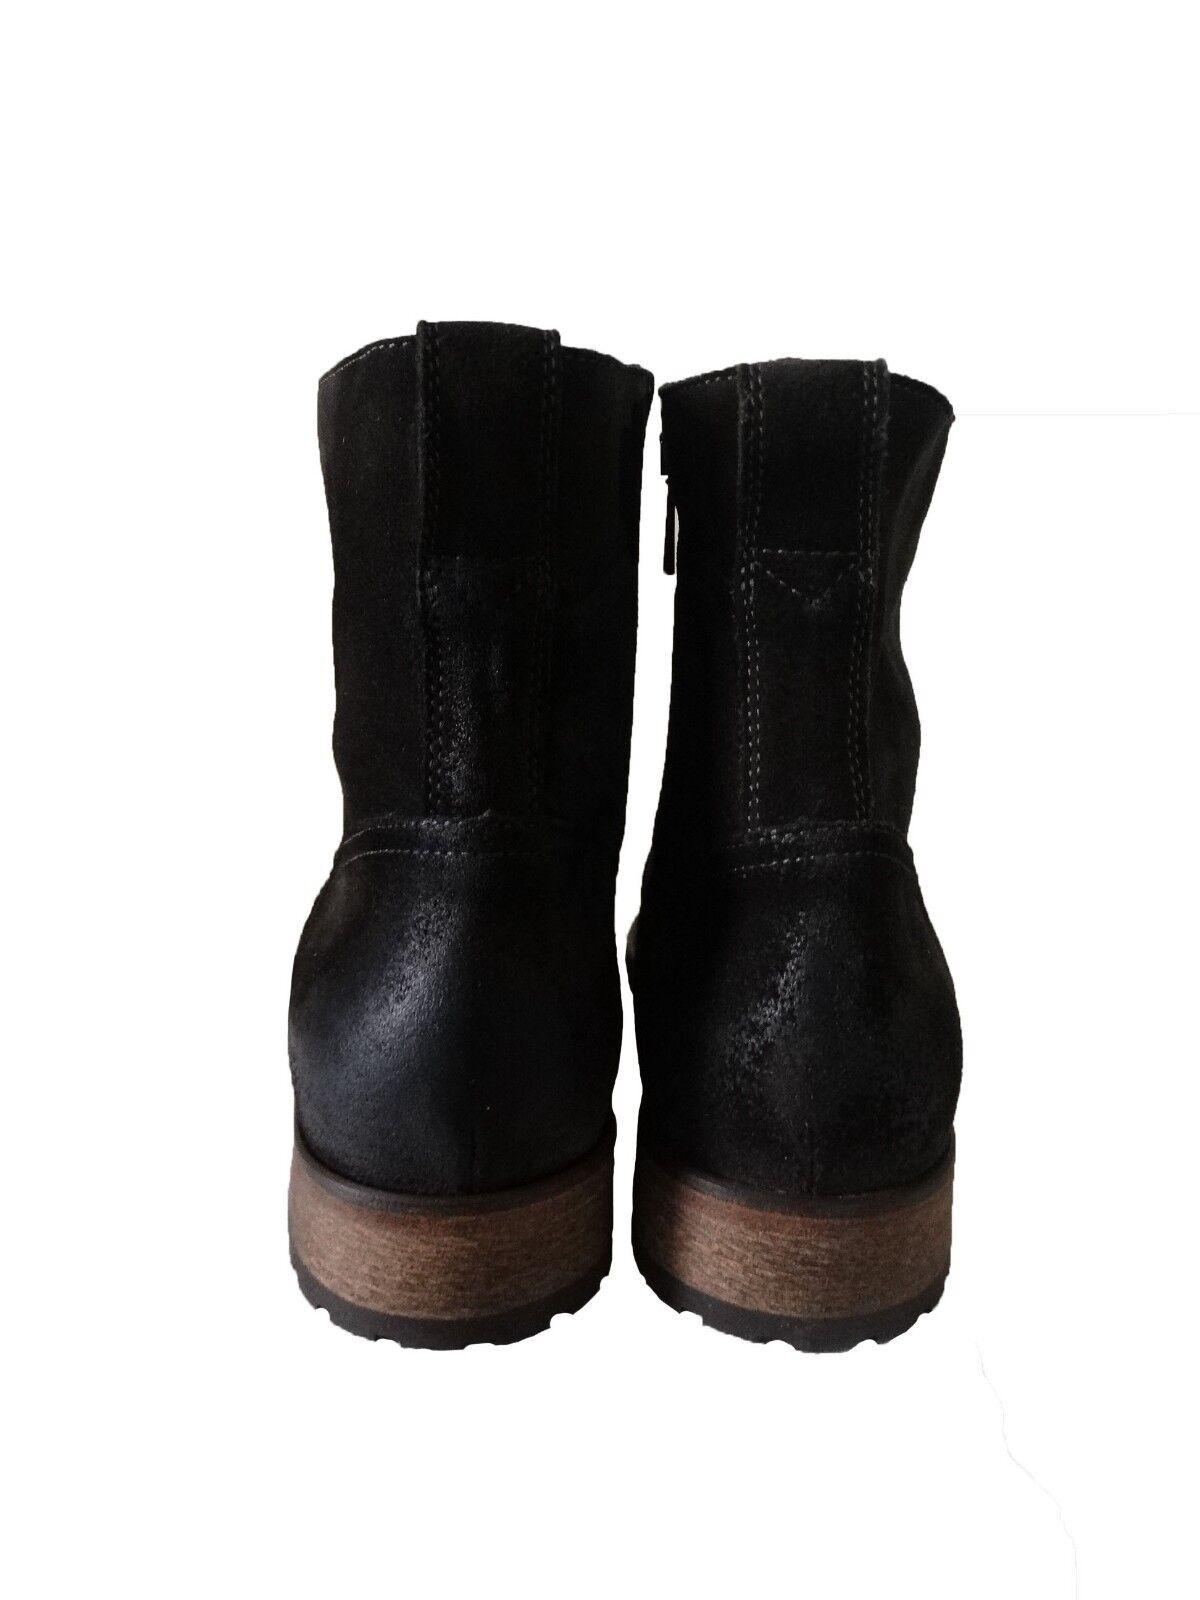 NIB Belstaff Attwell Chelsea Stivali Burnished Suede Dark Grey Grey Grey Size 9 M-US 138372